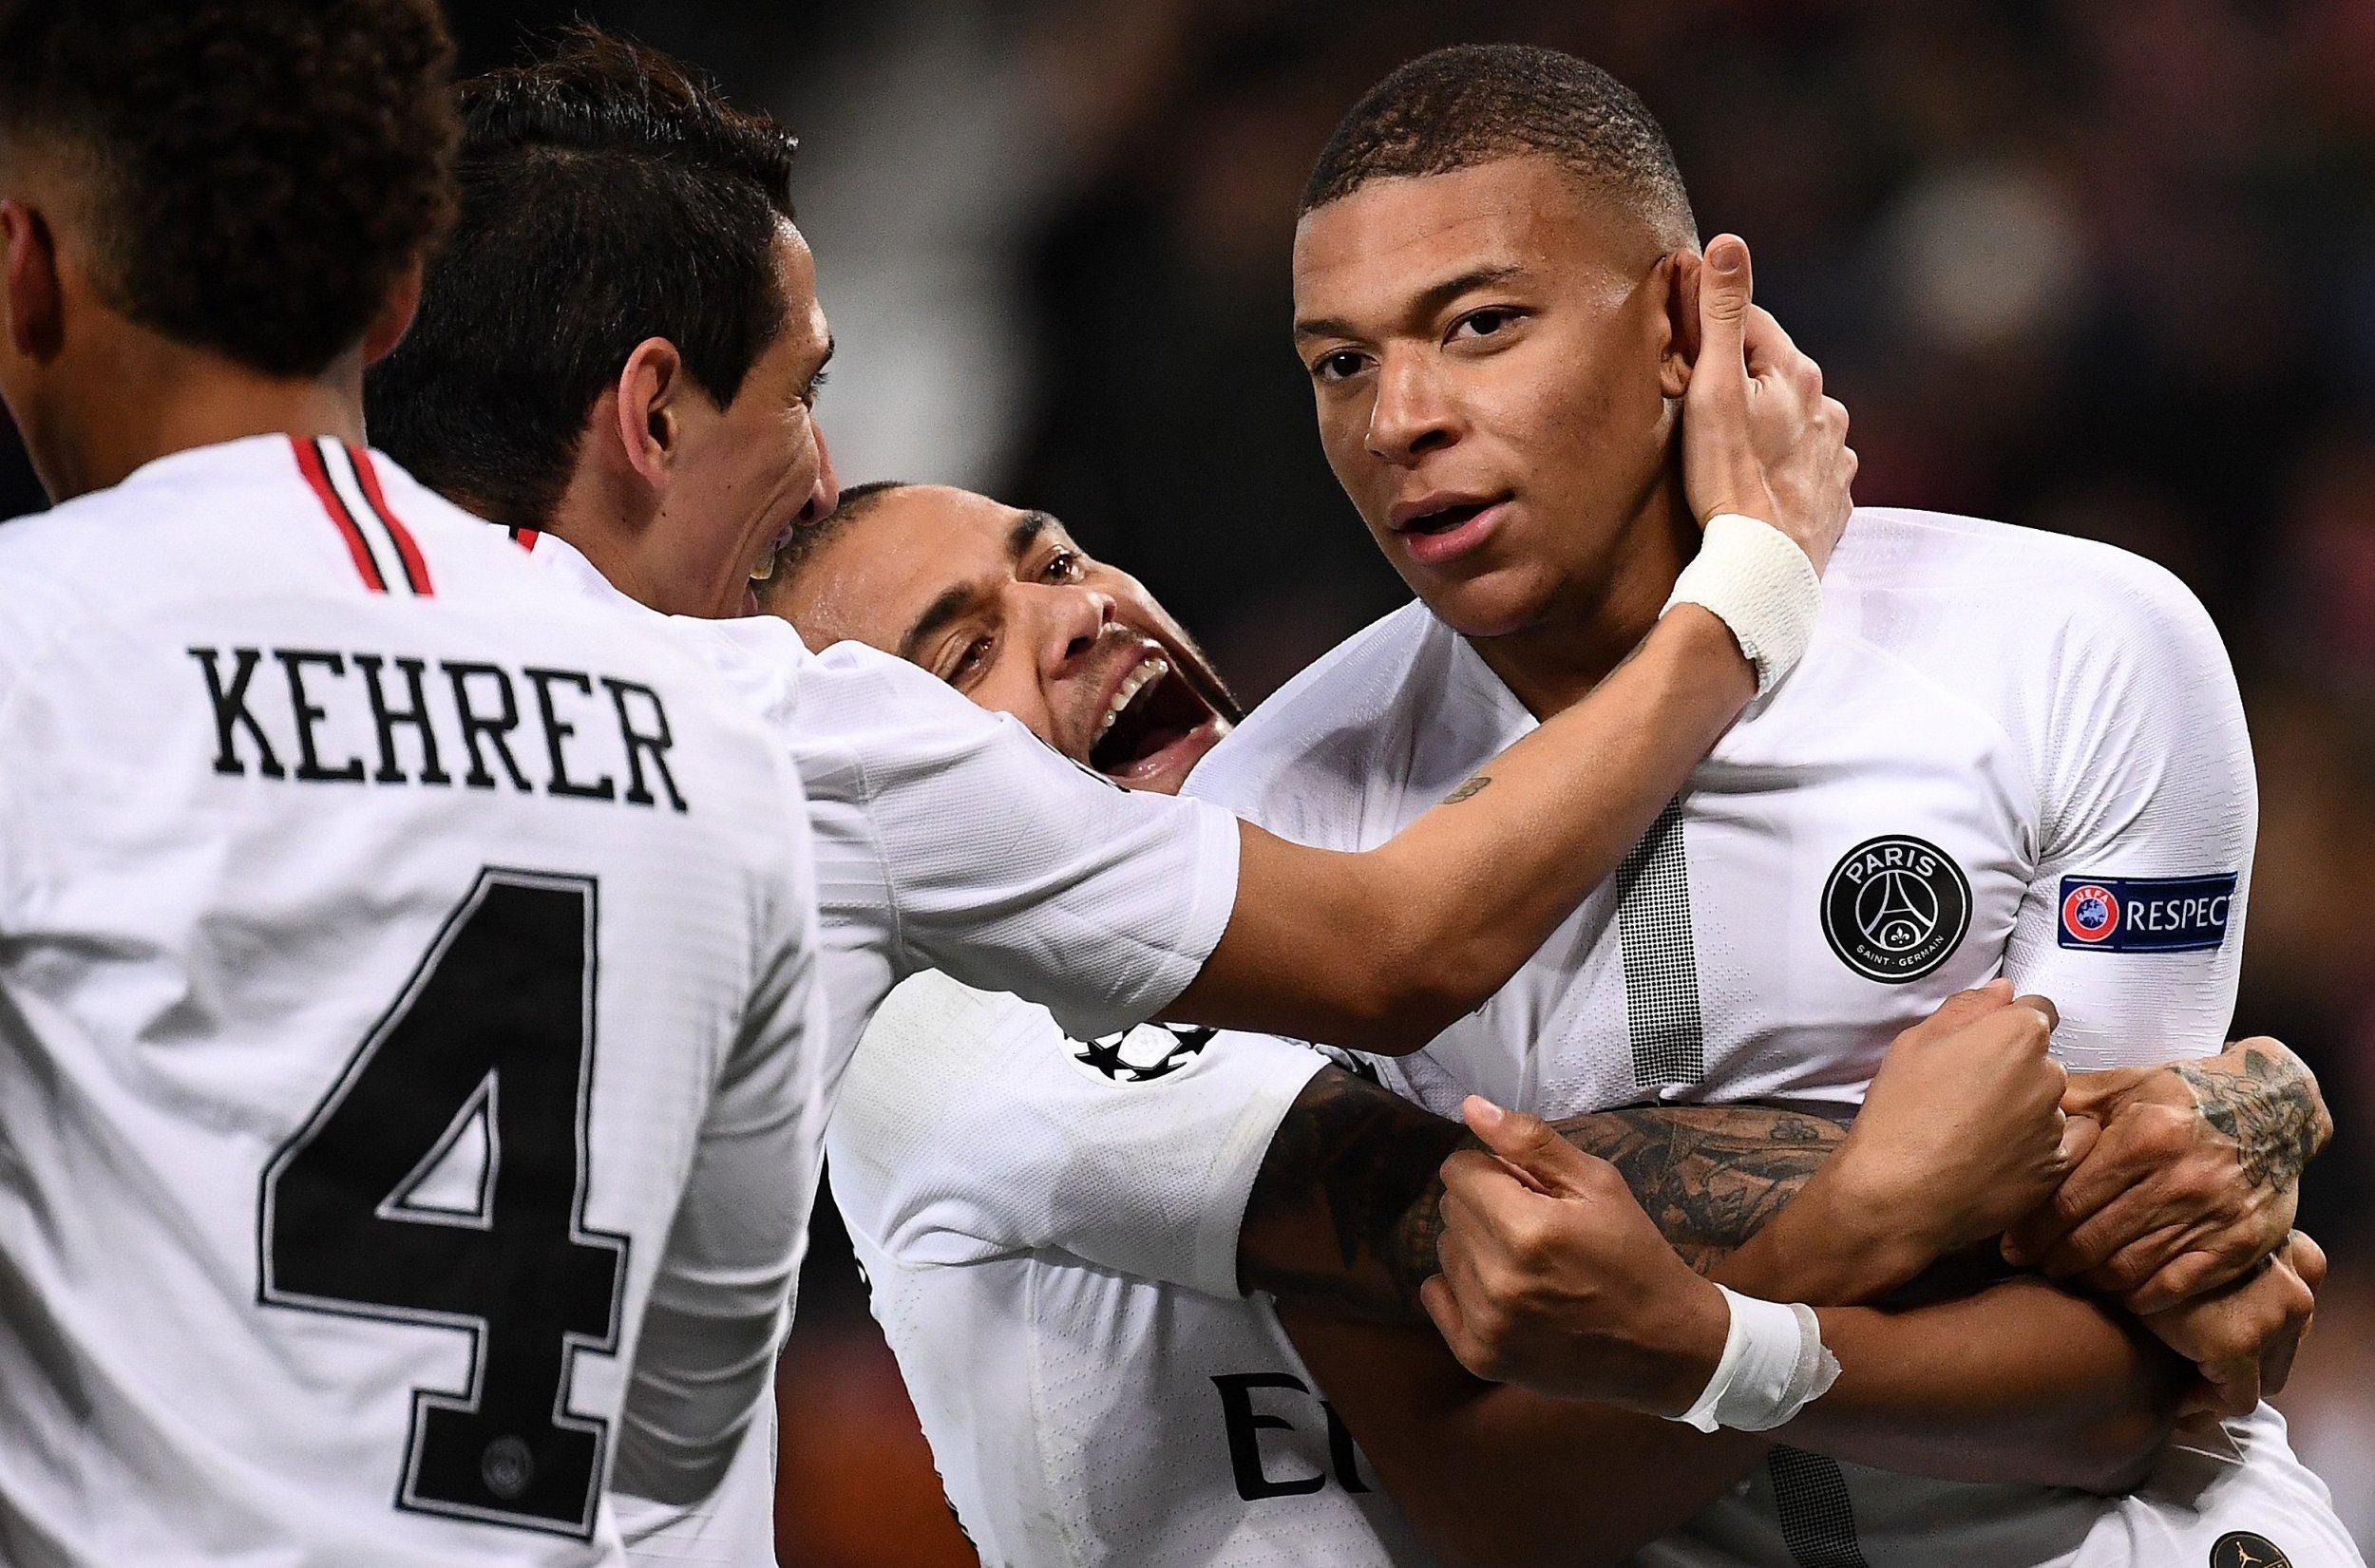 Bắn hạ De Gea, Mbappe gửi thông điệp đáng sợ đến Man Utd - Bóng Đá